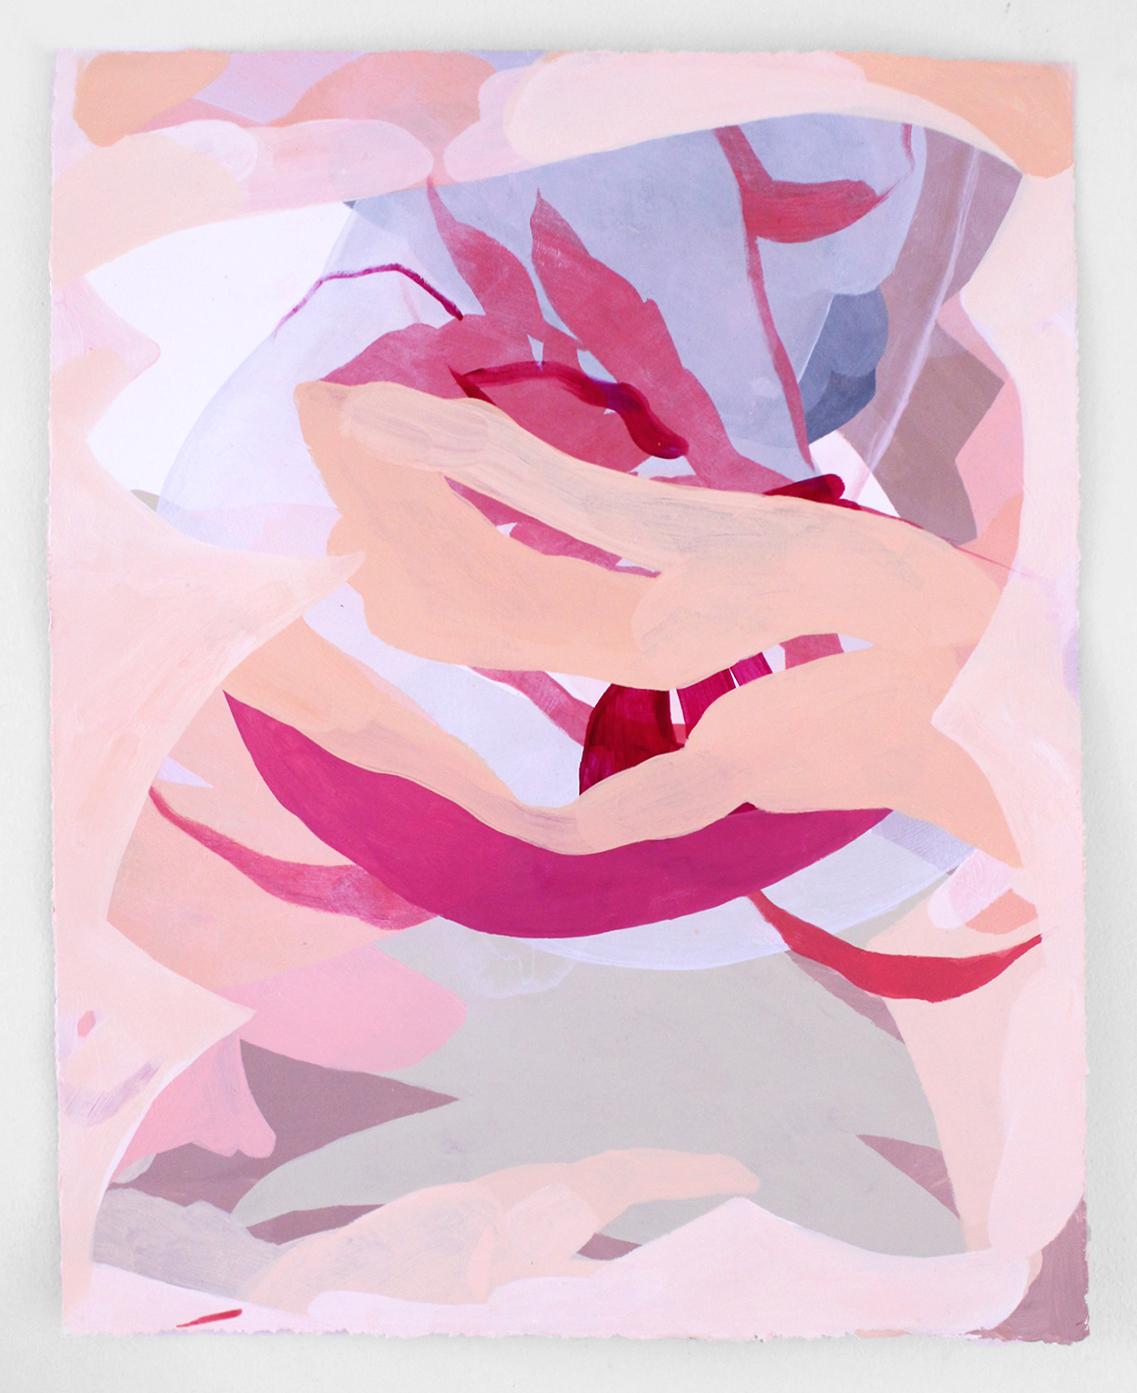 """Lush Life – Acrylic on Stonehenge Paper, 20""""x16"""" - 2016"""